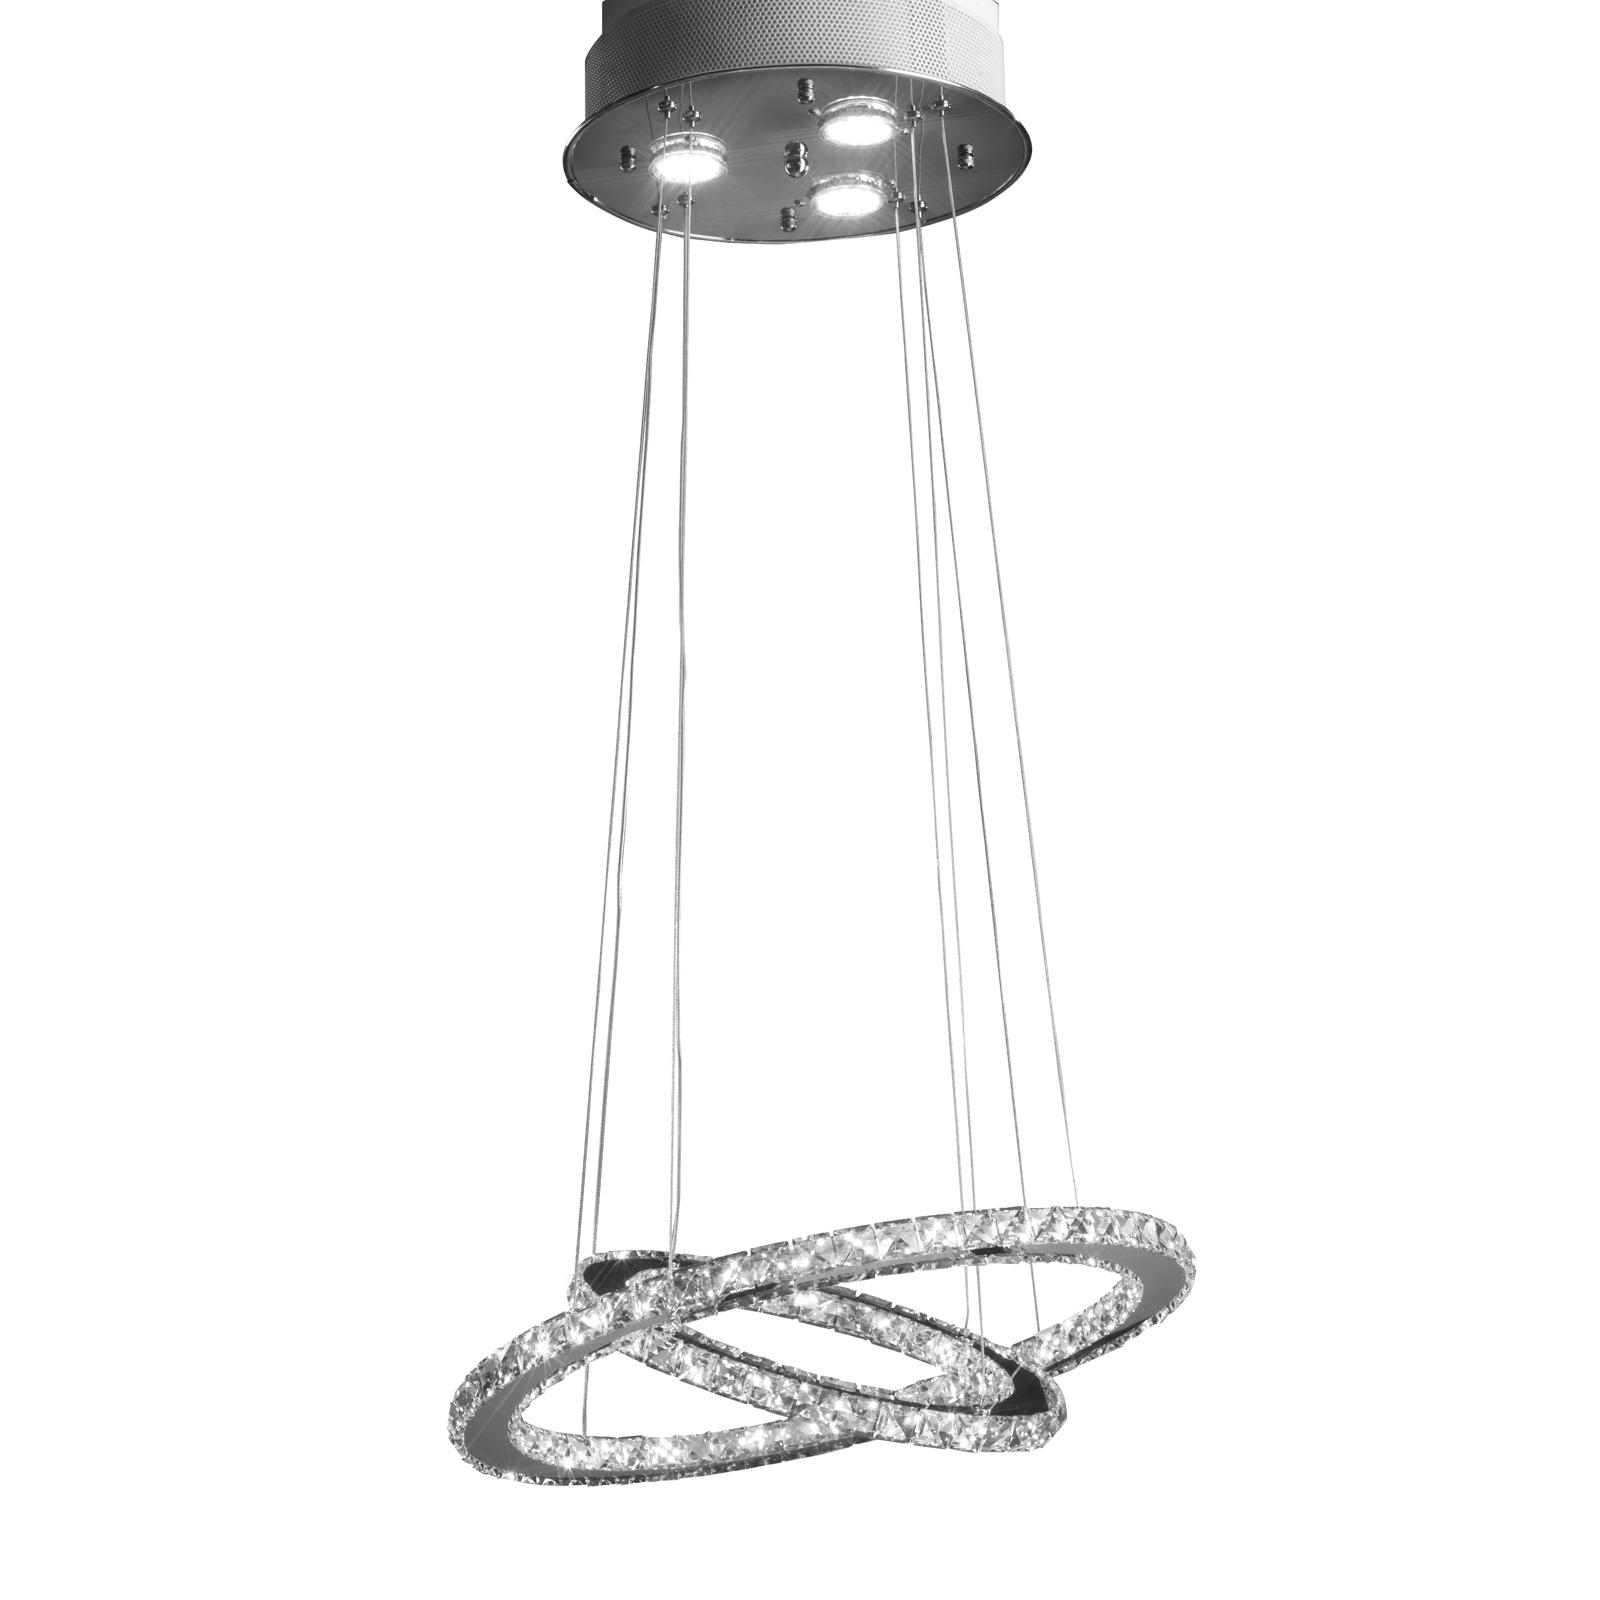 Lampa wisząca LED Saturno z kryształowym szkłem